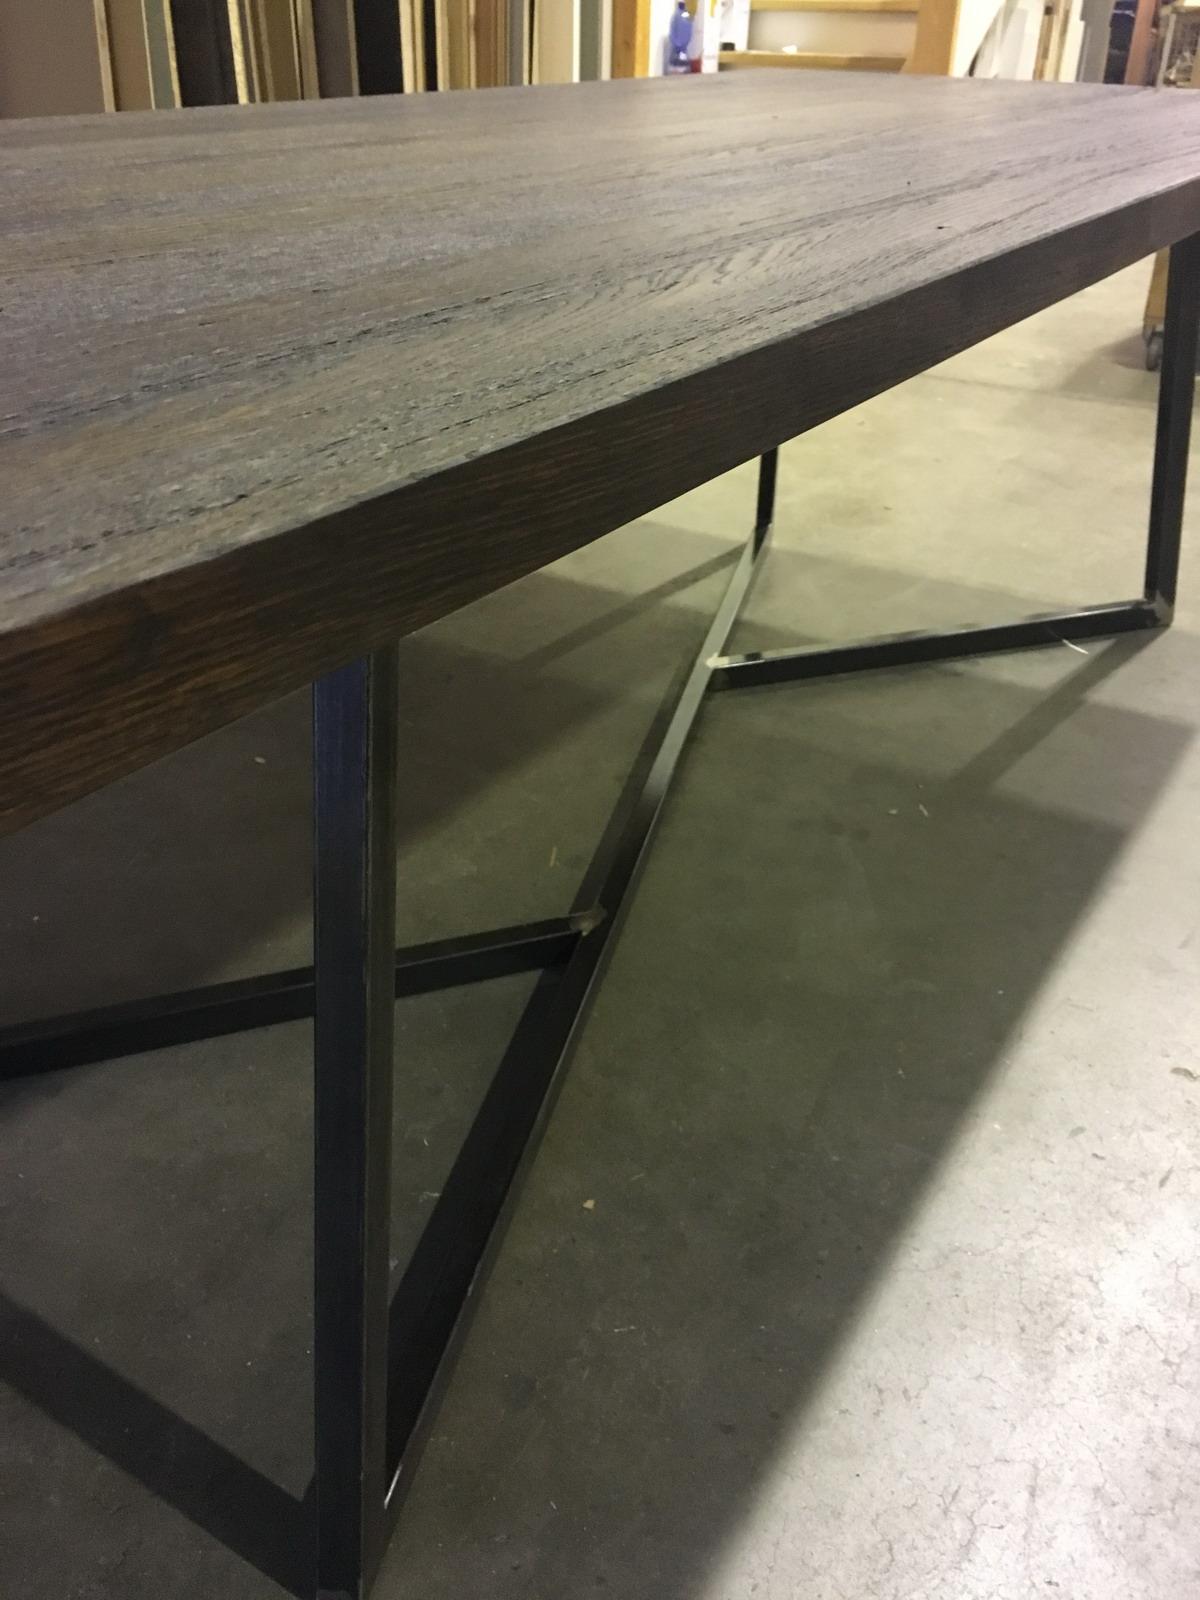 Tisch Resch Innenausbau Tv Eiche Dunkel